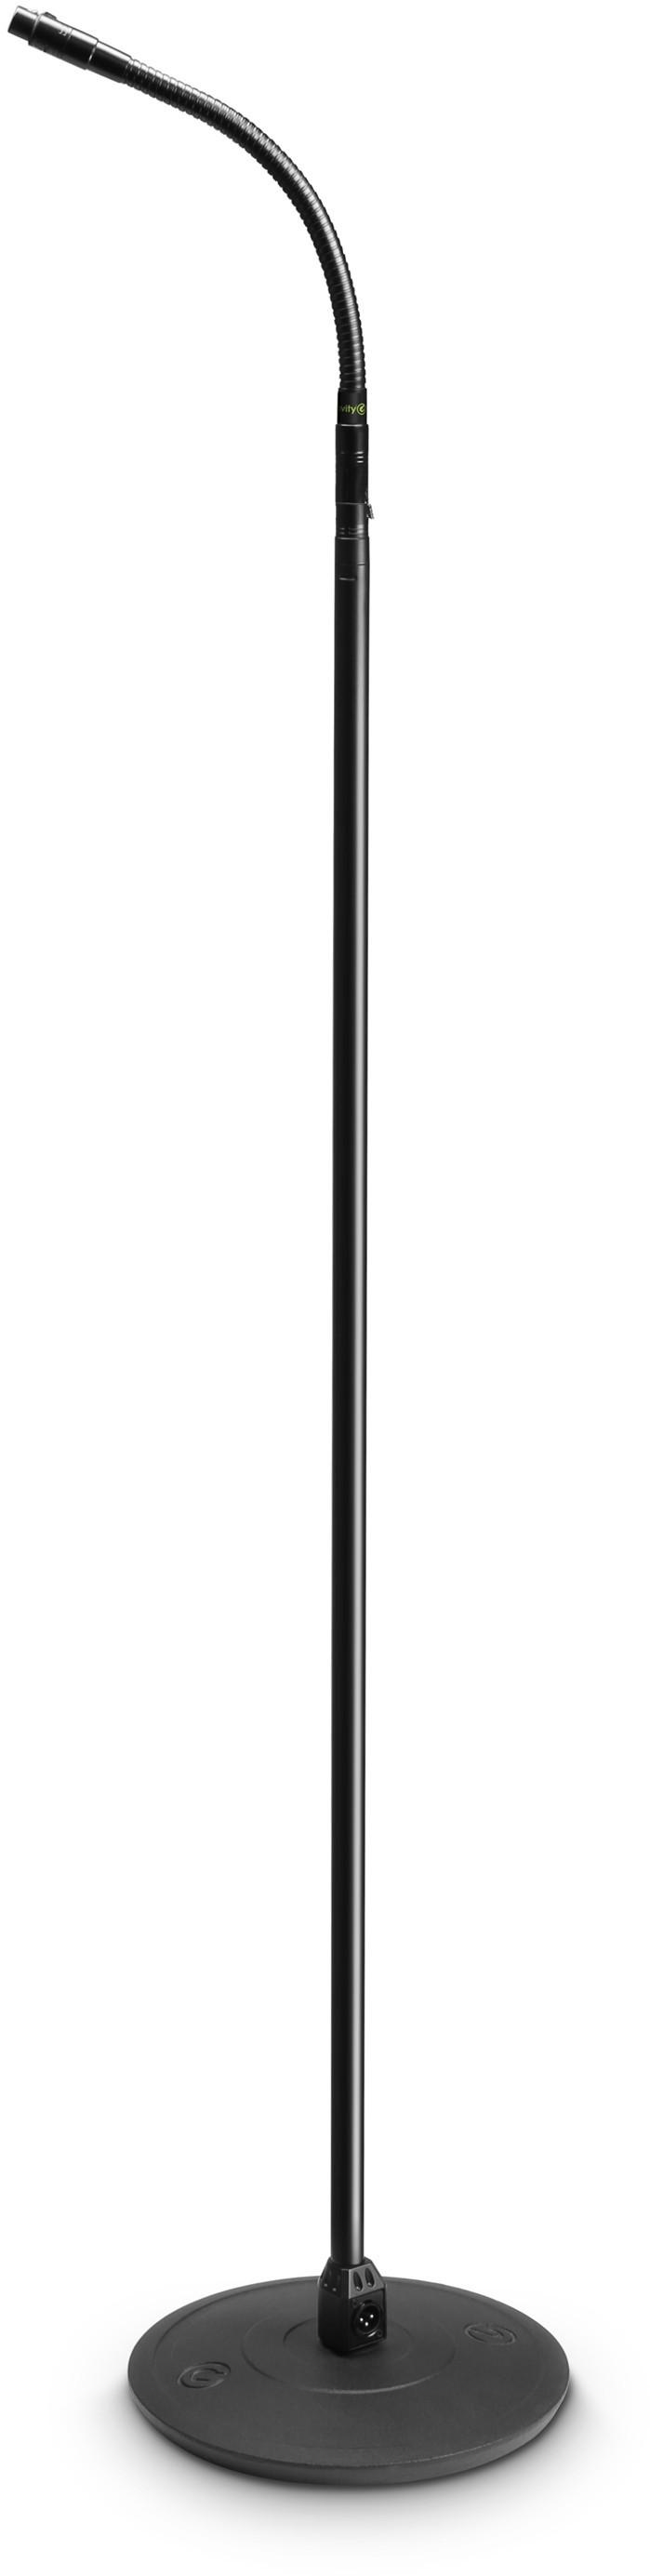 Gravity MS 23 XLR B - statyw mikrofonowy z gęsią szyją